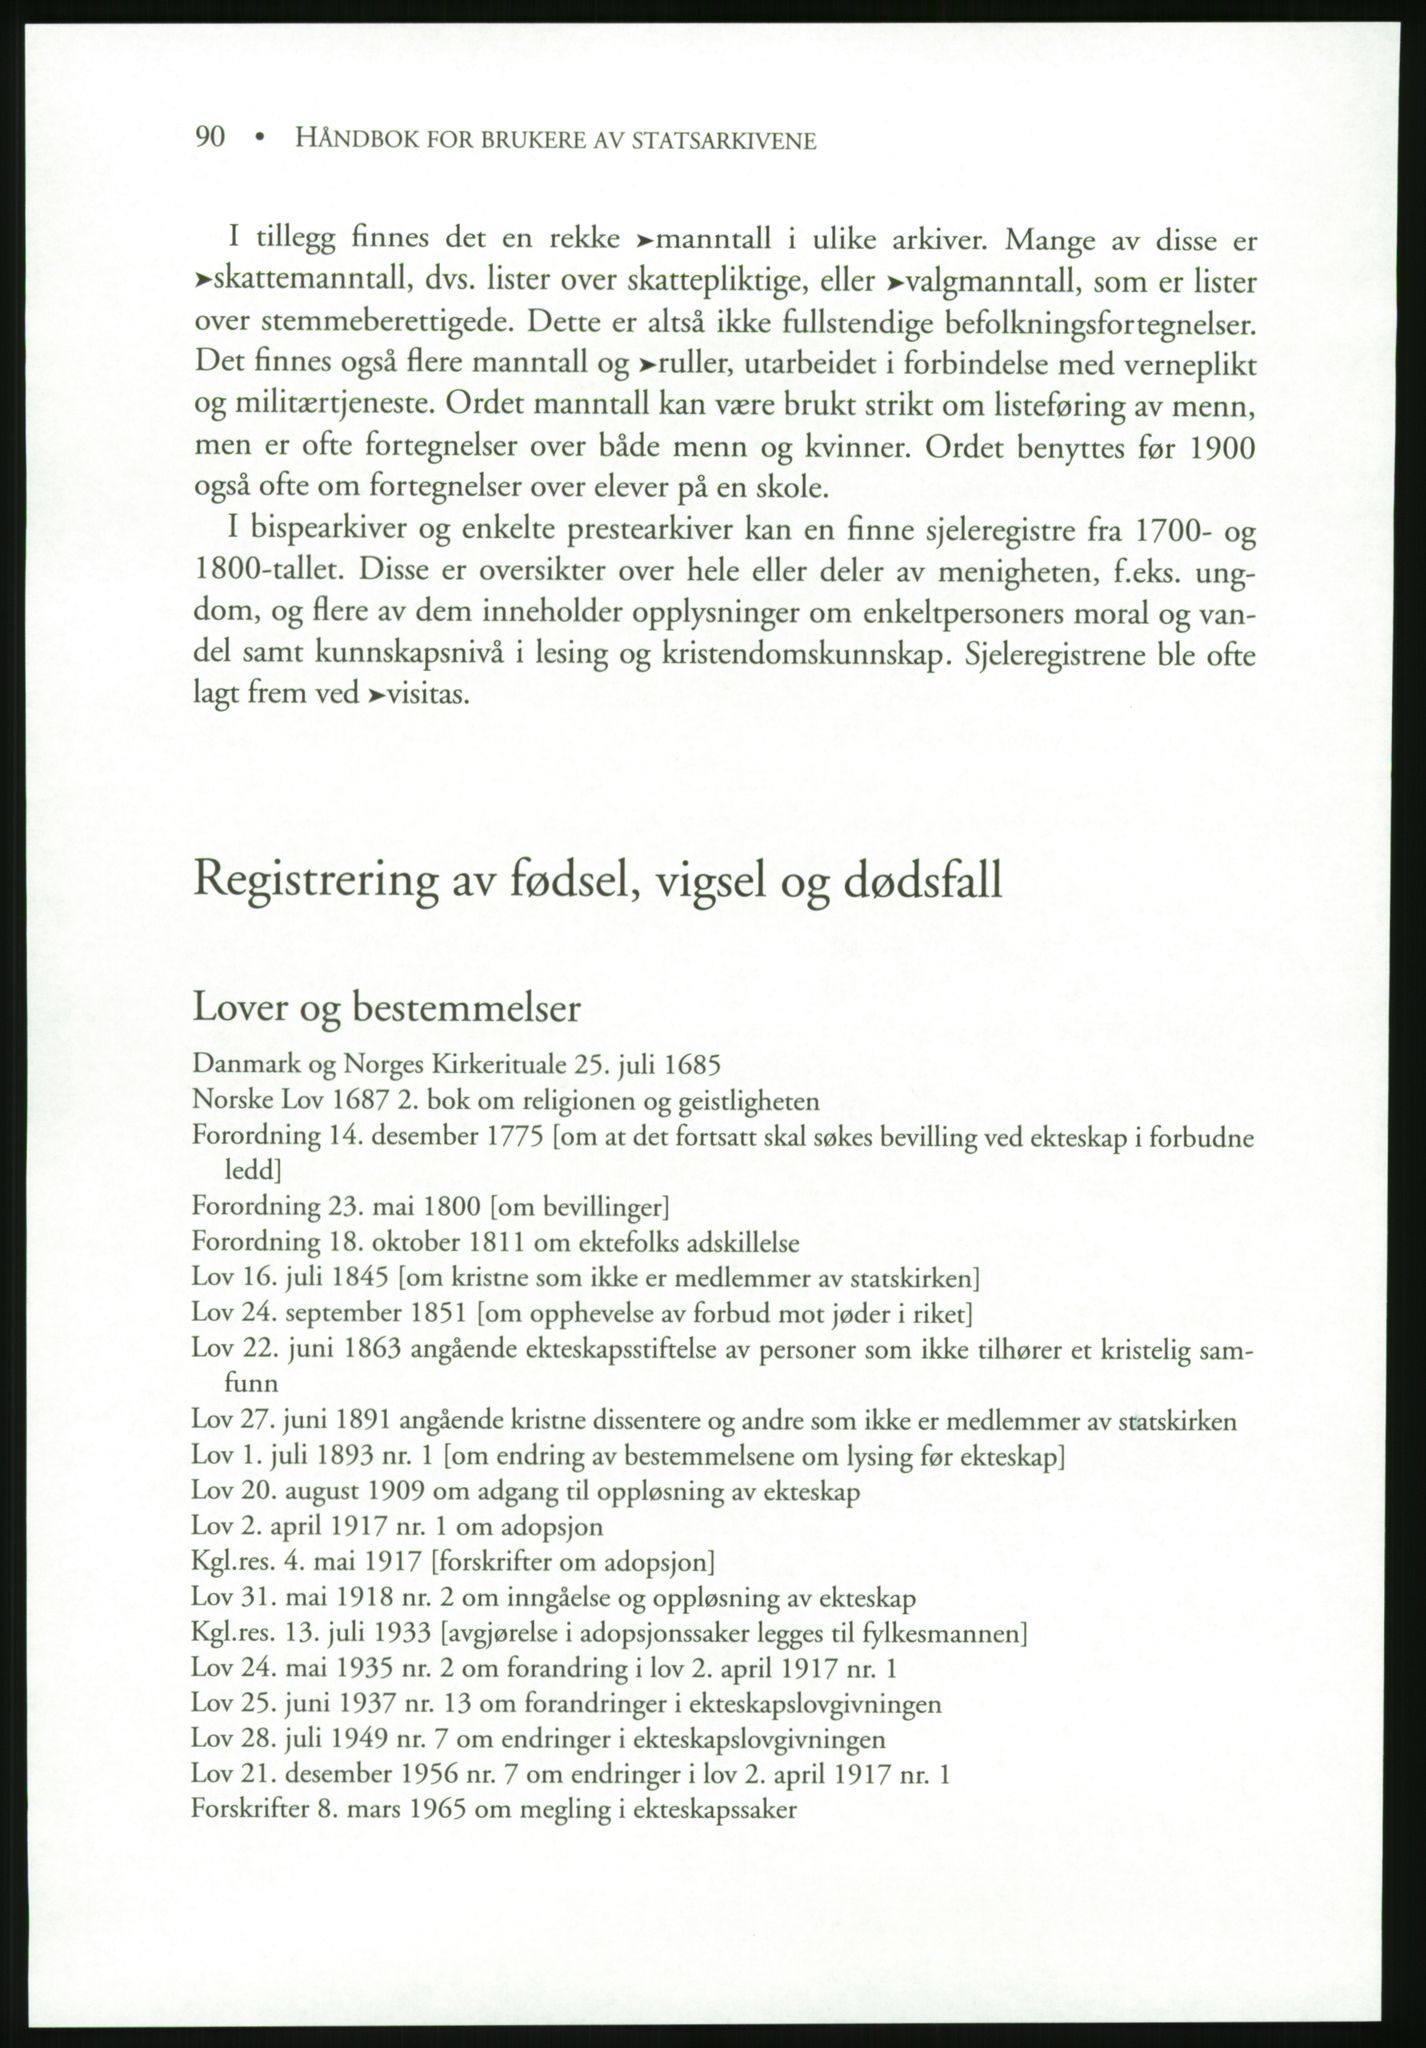 PUBL, Publikasjoner utgitt av Arkivverket, -/19: Liv Mykland: Håndbok for brukere av statsarkivene (2005), s. 90